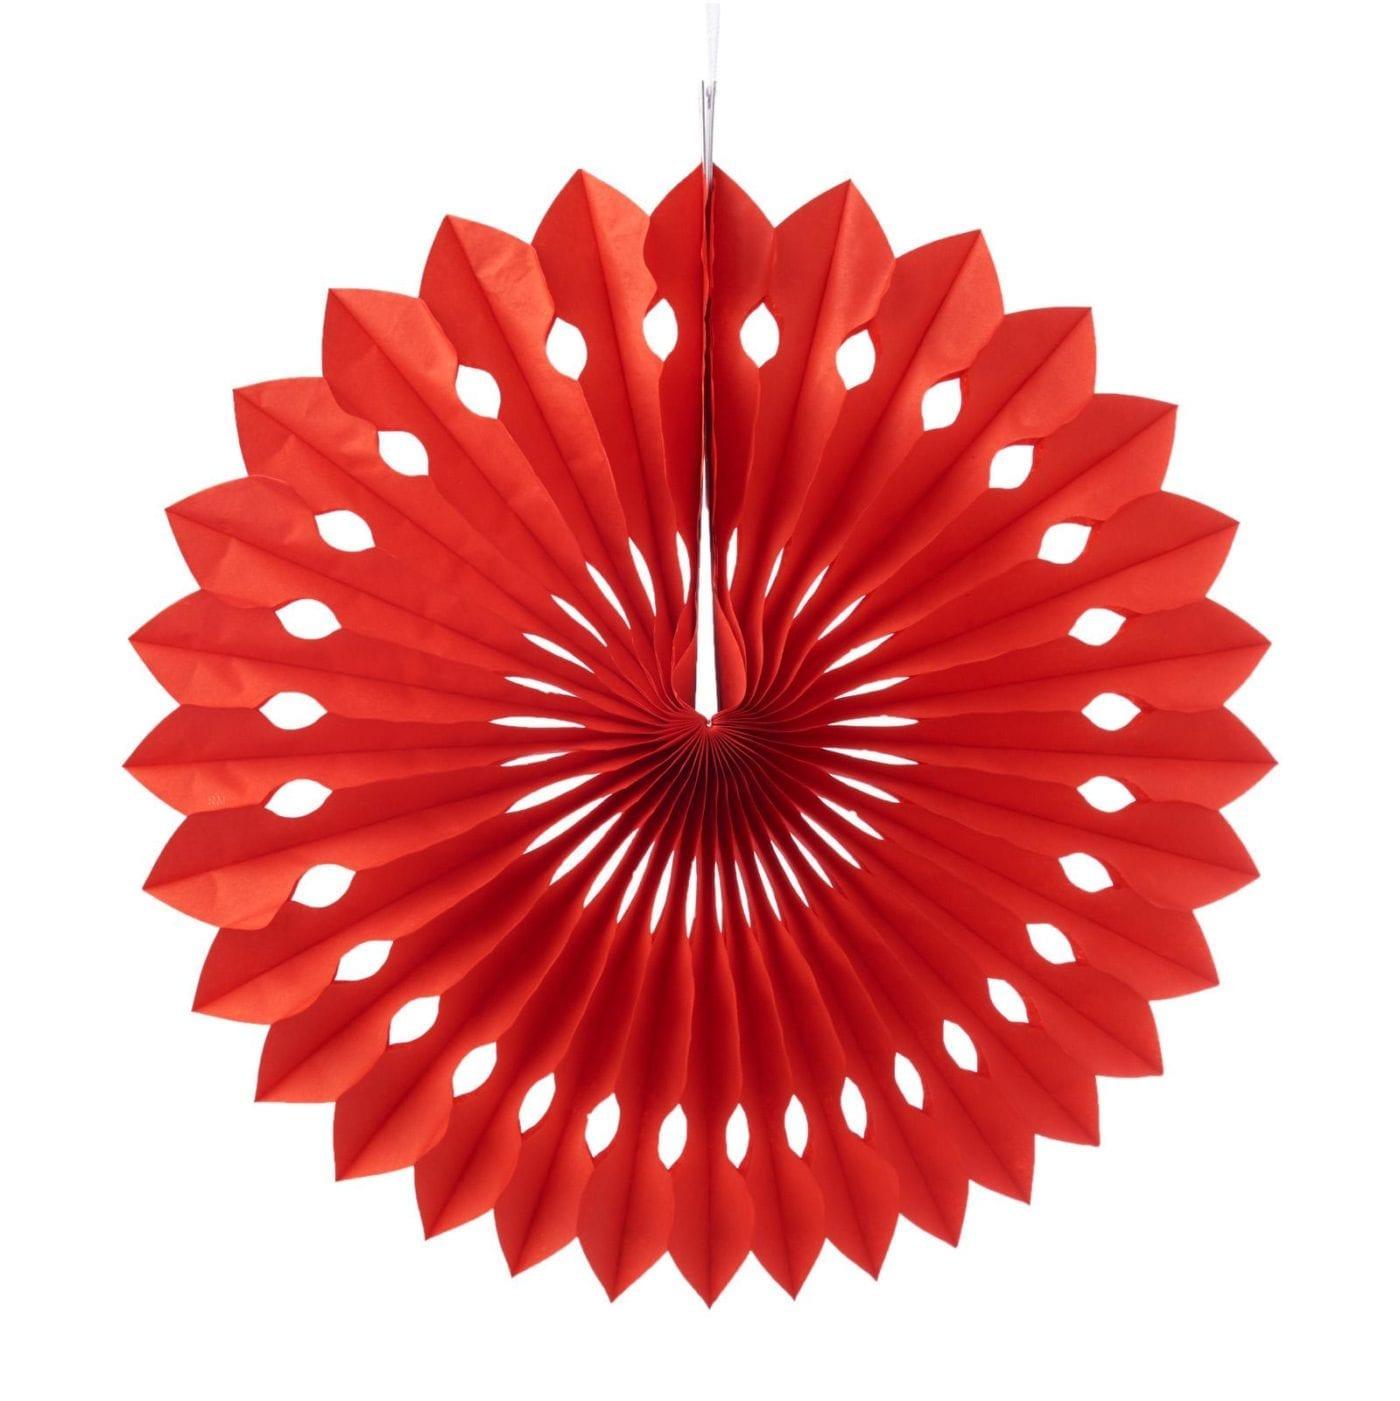 pinwheel paper flower fans red cutout misty daydream